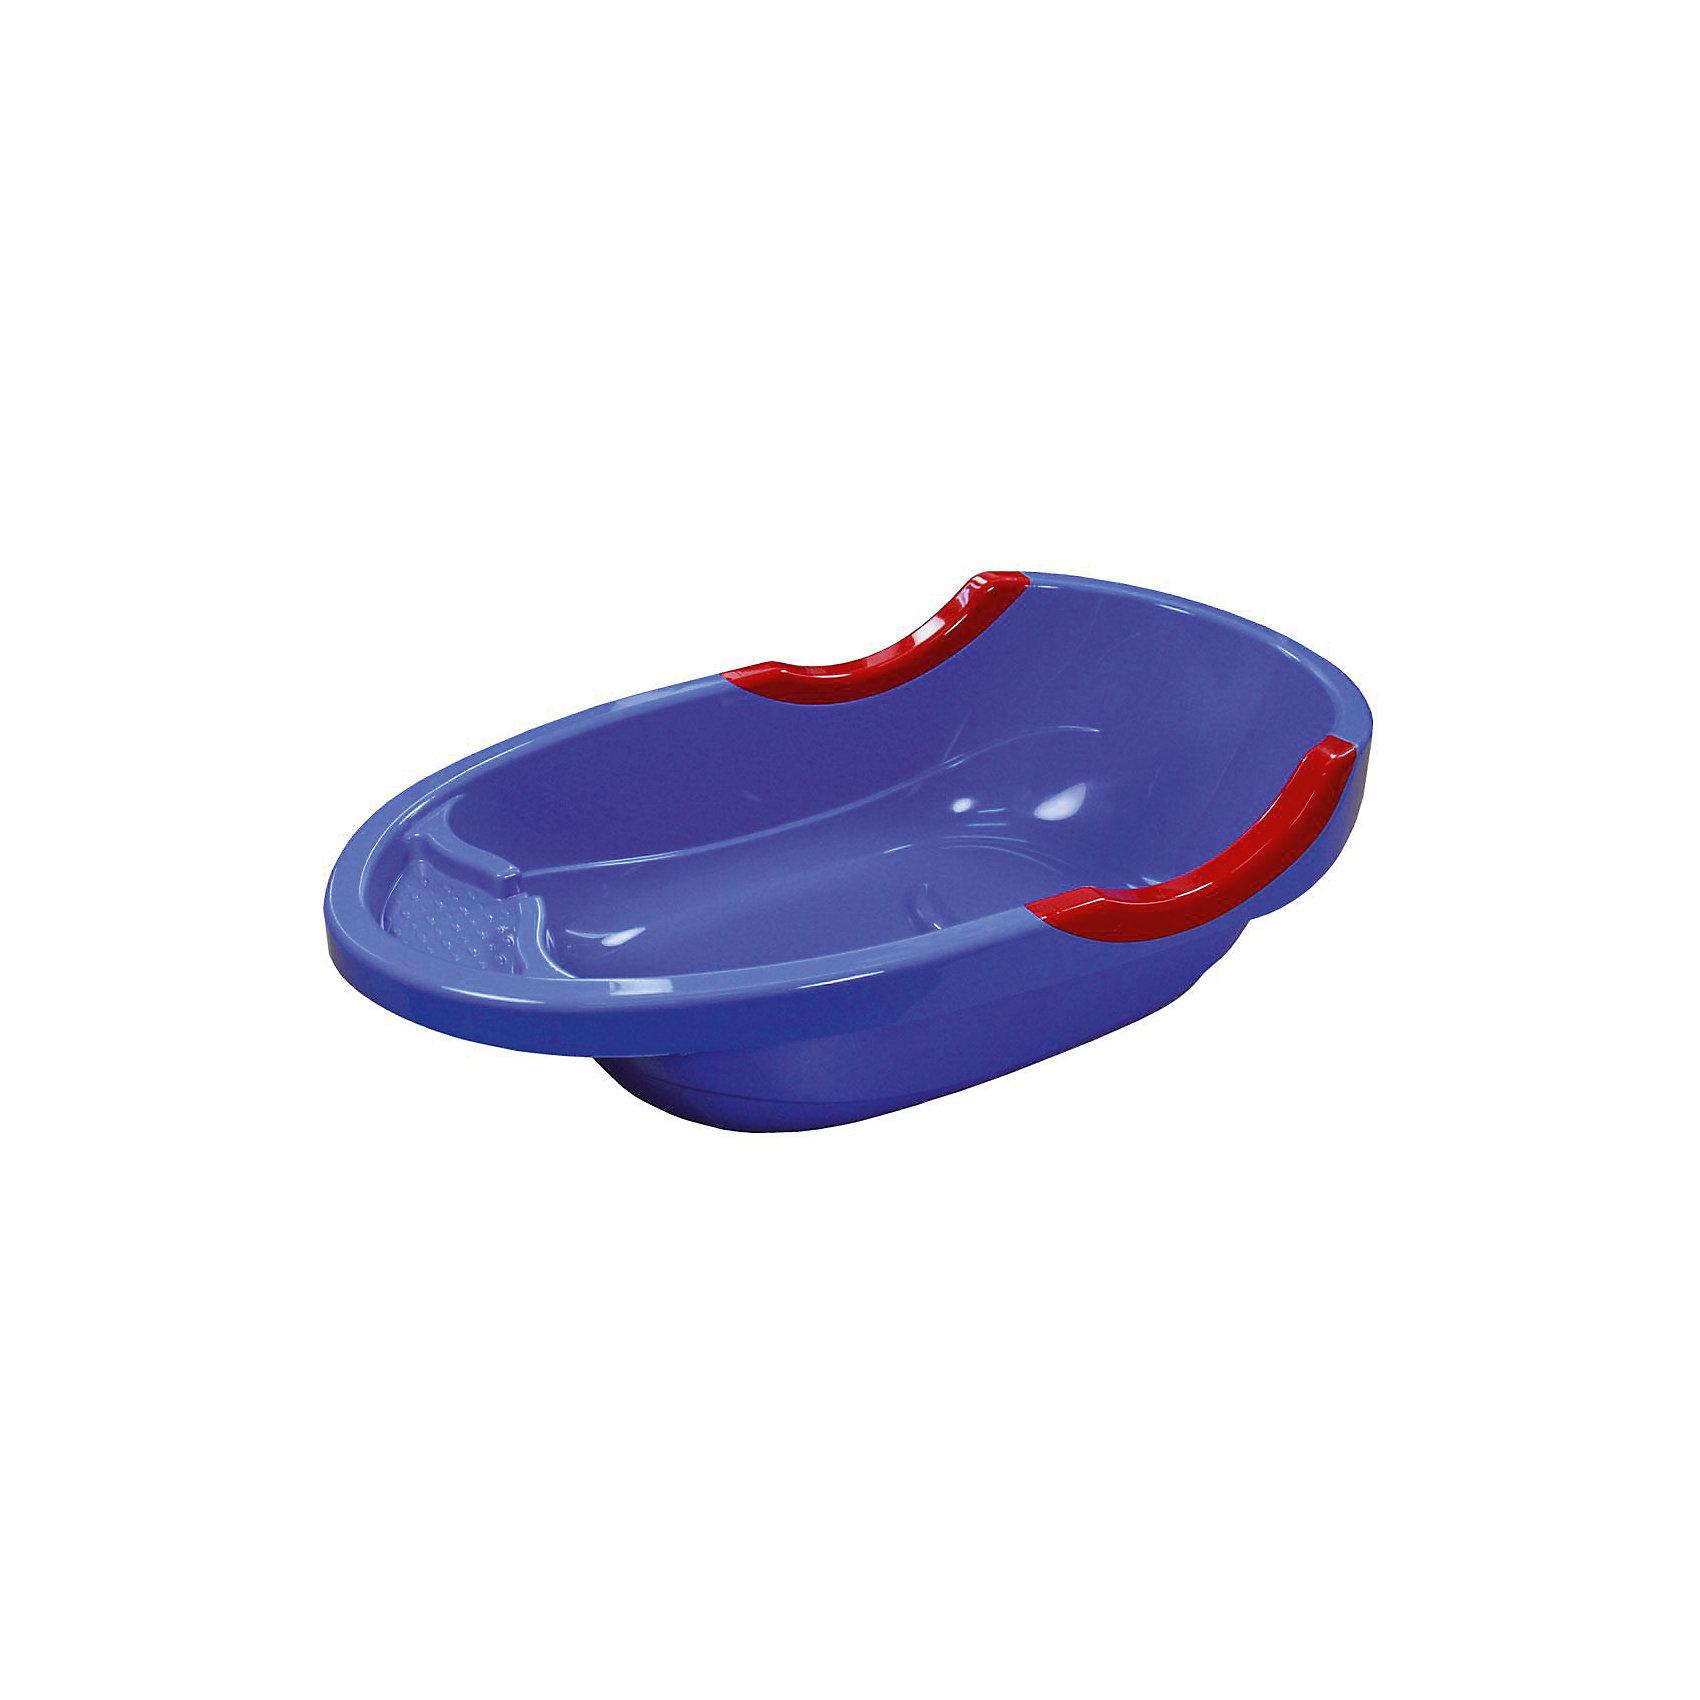 Ванночка Малышок большая, Alternativa, синийС самого рождения чистота и гигиена очень важны для здоровья ребёнка. Ванночка Малышок большая, Alternativa, синий отлично подойдет для ежедневных купаний. Ванночка изготовлена из прочного и безопасного для малыша пластика. Ванночка имеет боковые углубления для ручек ребёнка. Дно имеет выпуклую форму в виде сидения, а спереди ванночка имеет удобную подставку для мыла или любых других предметов. <br><br>Дополнительная информация:<br>-Размер(ДхВхШ):90,4 х47,5х25,5 см<br>-Цвет: синий<br>-Марка: Alternativa<br><br>Ванночку Малышок большая, Alternativa, синий вы можете приобрести в нашем интернет-магазине.<br><br>Ширина мм: 860<br>Глубина мм: 210<br>Высота мм: 450<br>Вес г: 1245<br>Возраст от месяцев: -2147483648<br>Возраст до месяцев: 2147483647<br>Пол: Мужской<br>Возраст: Детский<br>SKU: 5096506